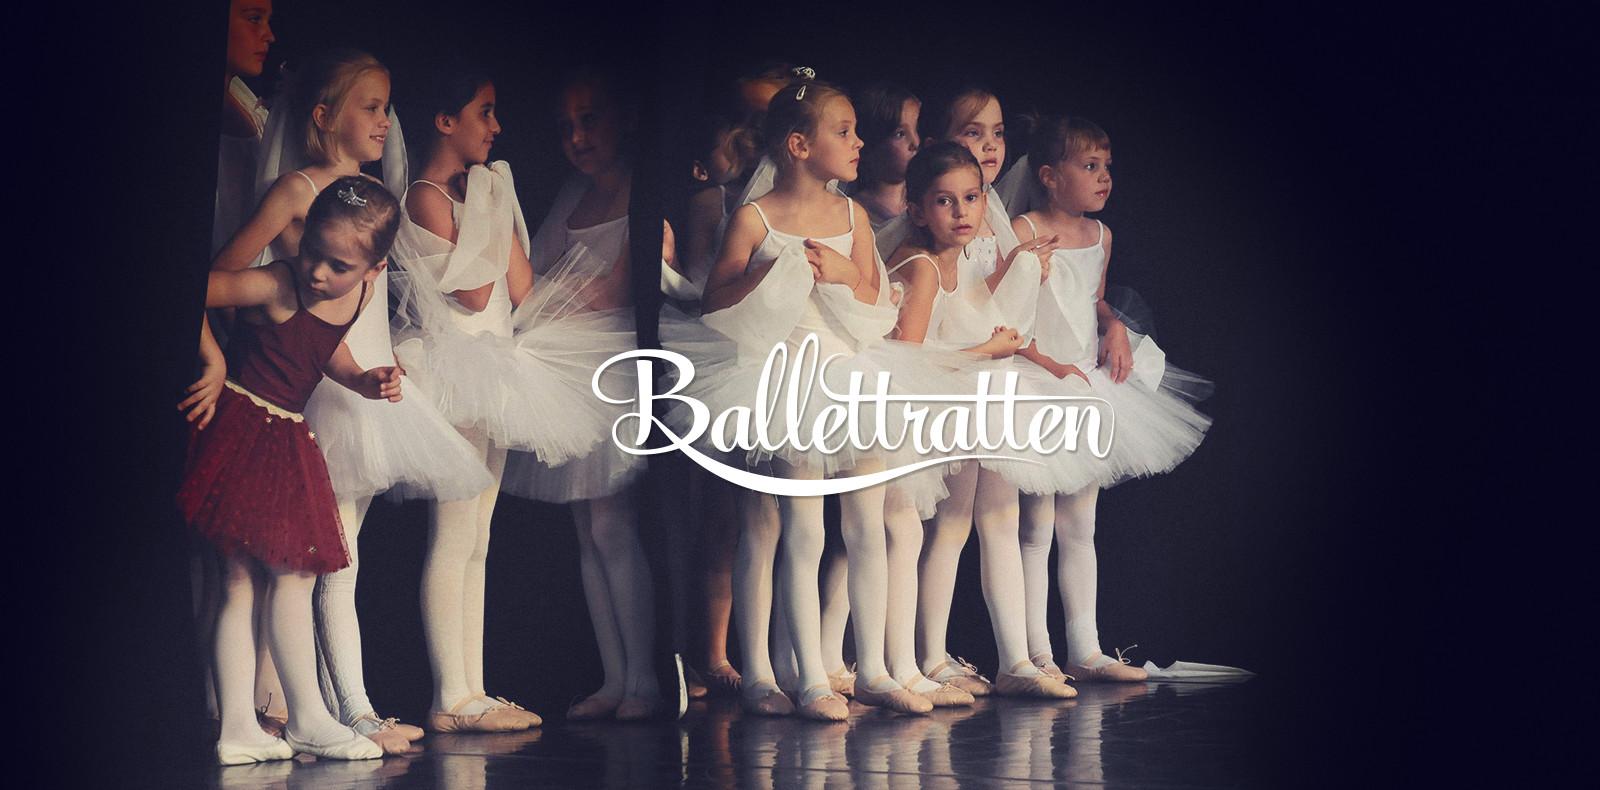 Ballettratten